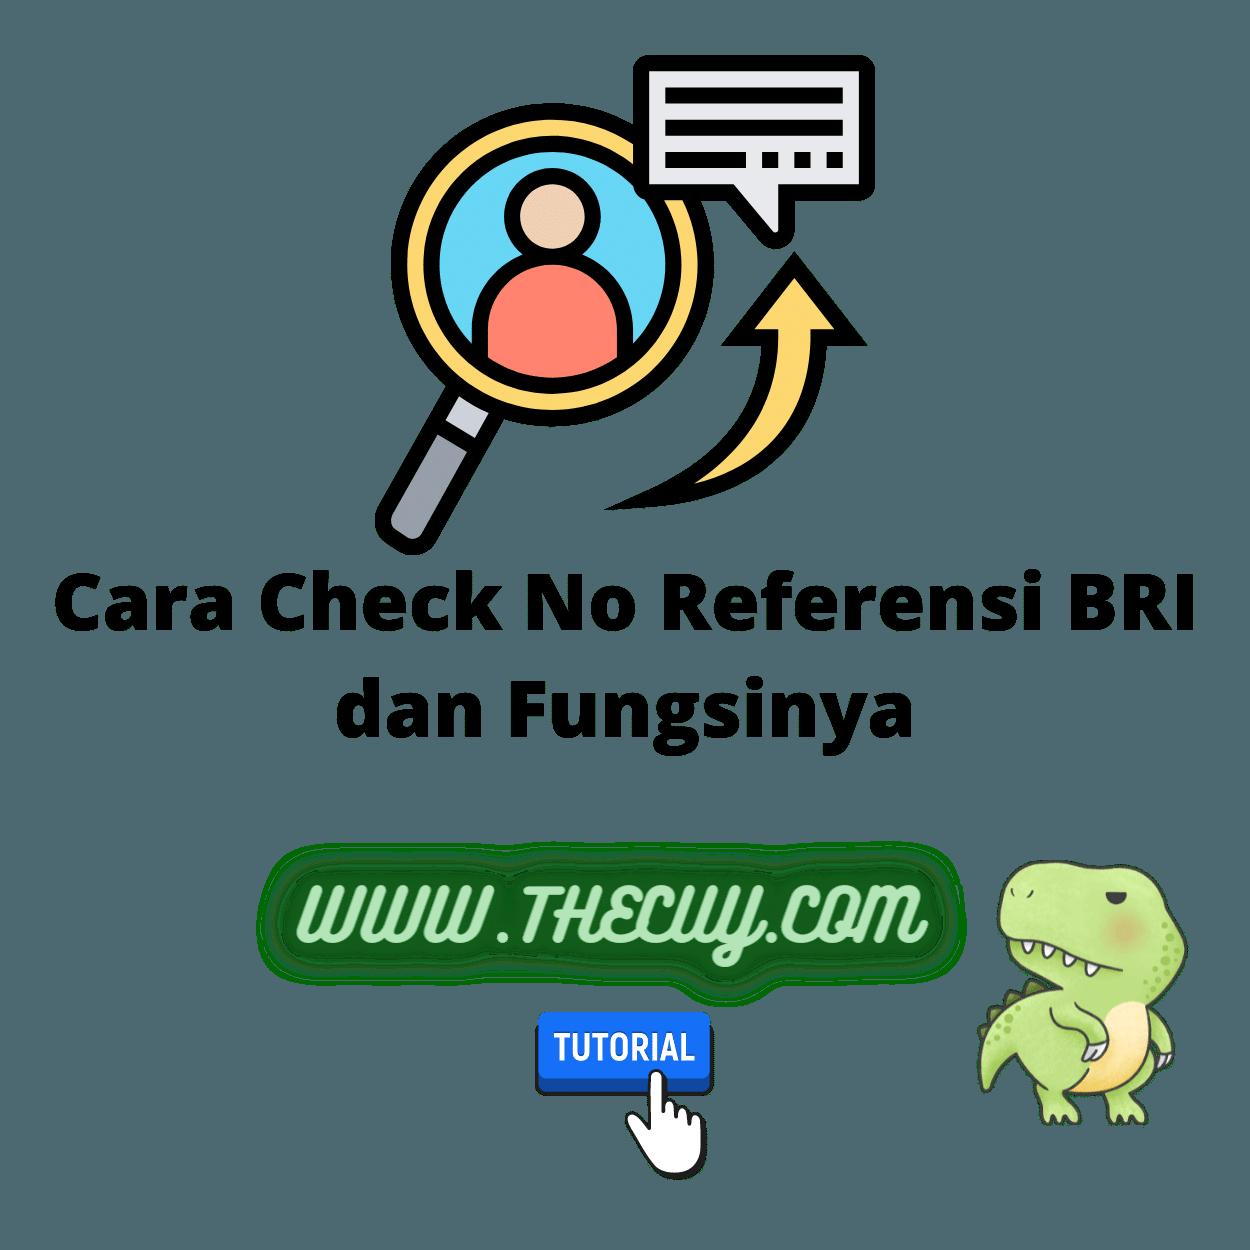 Cara Check No Referensi BRI dan Fungsinya